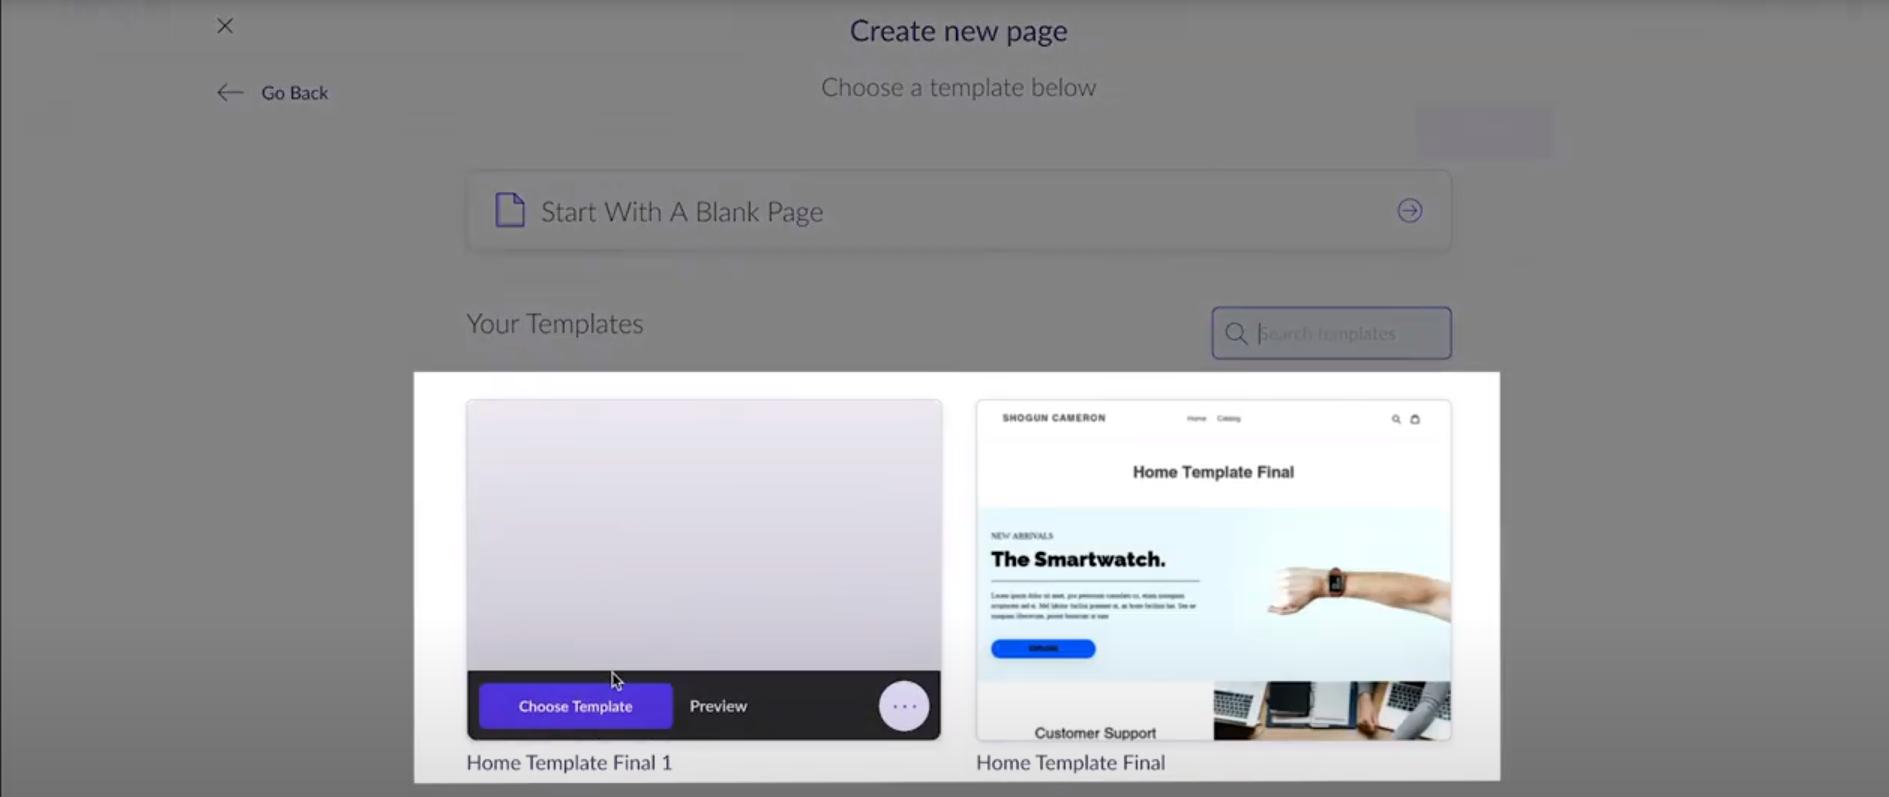 Shogun screenshot: Shogun create new page